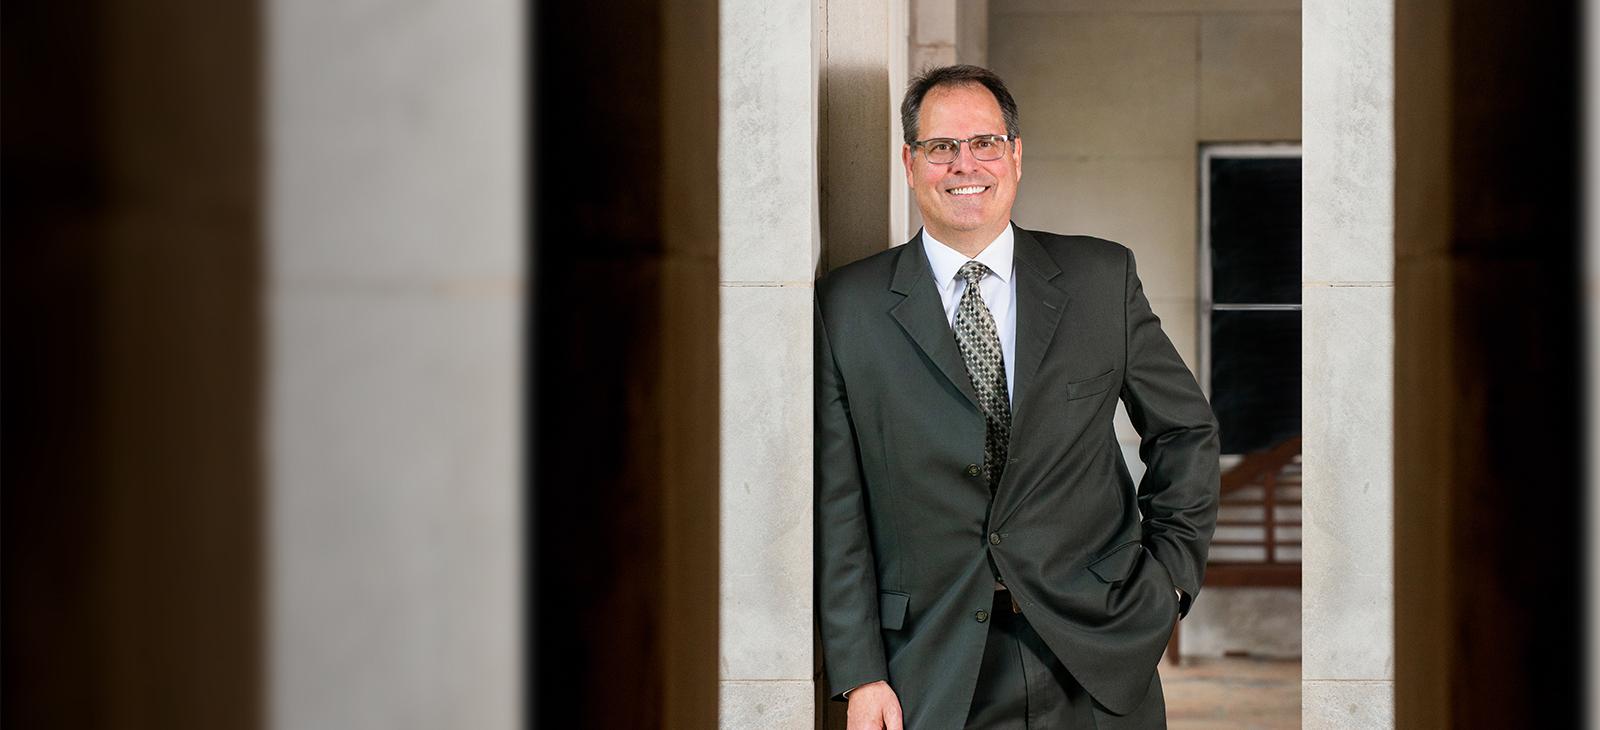 Dr. Mark Rudin, president of Texas A&M University-Commerce.